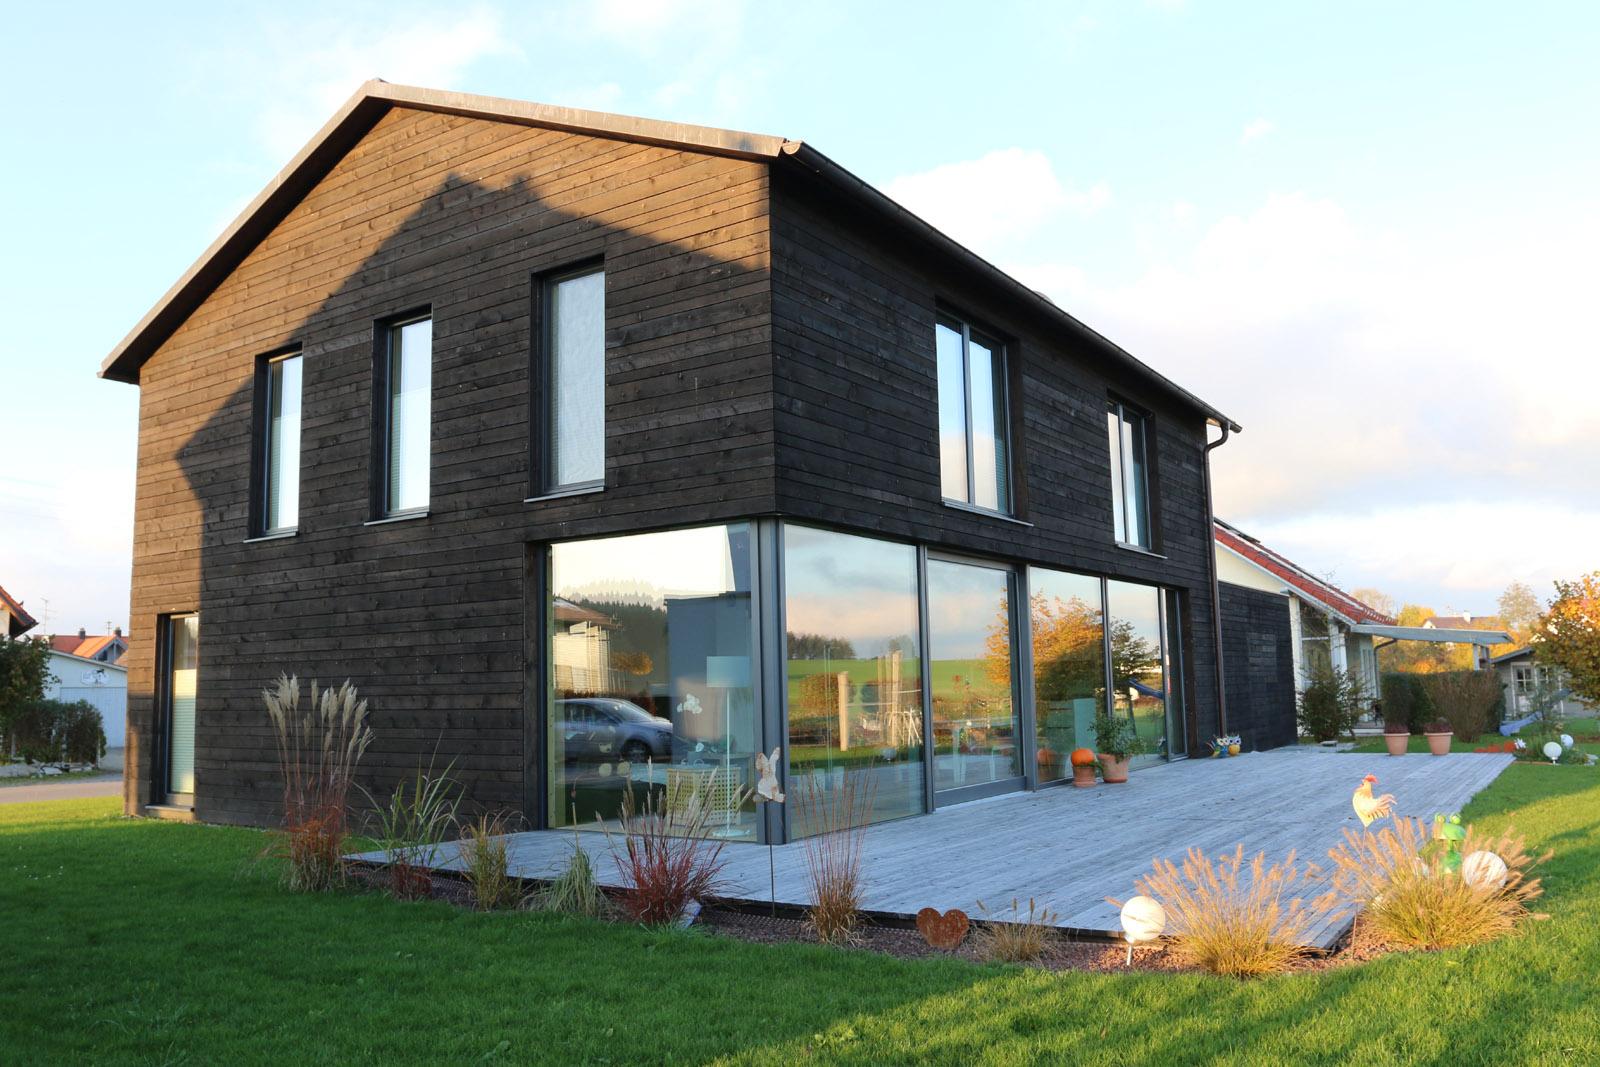 Thoma Haus Preis Haus Sonnalpin Thoma Hansjrgen  Thoma